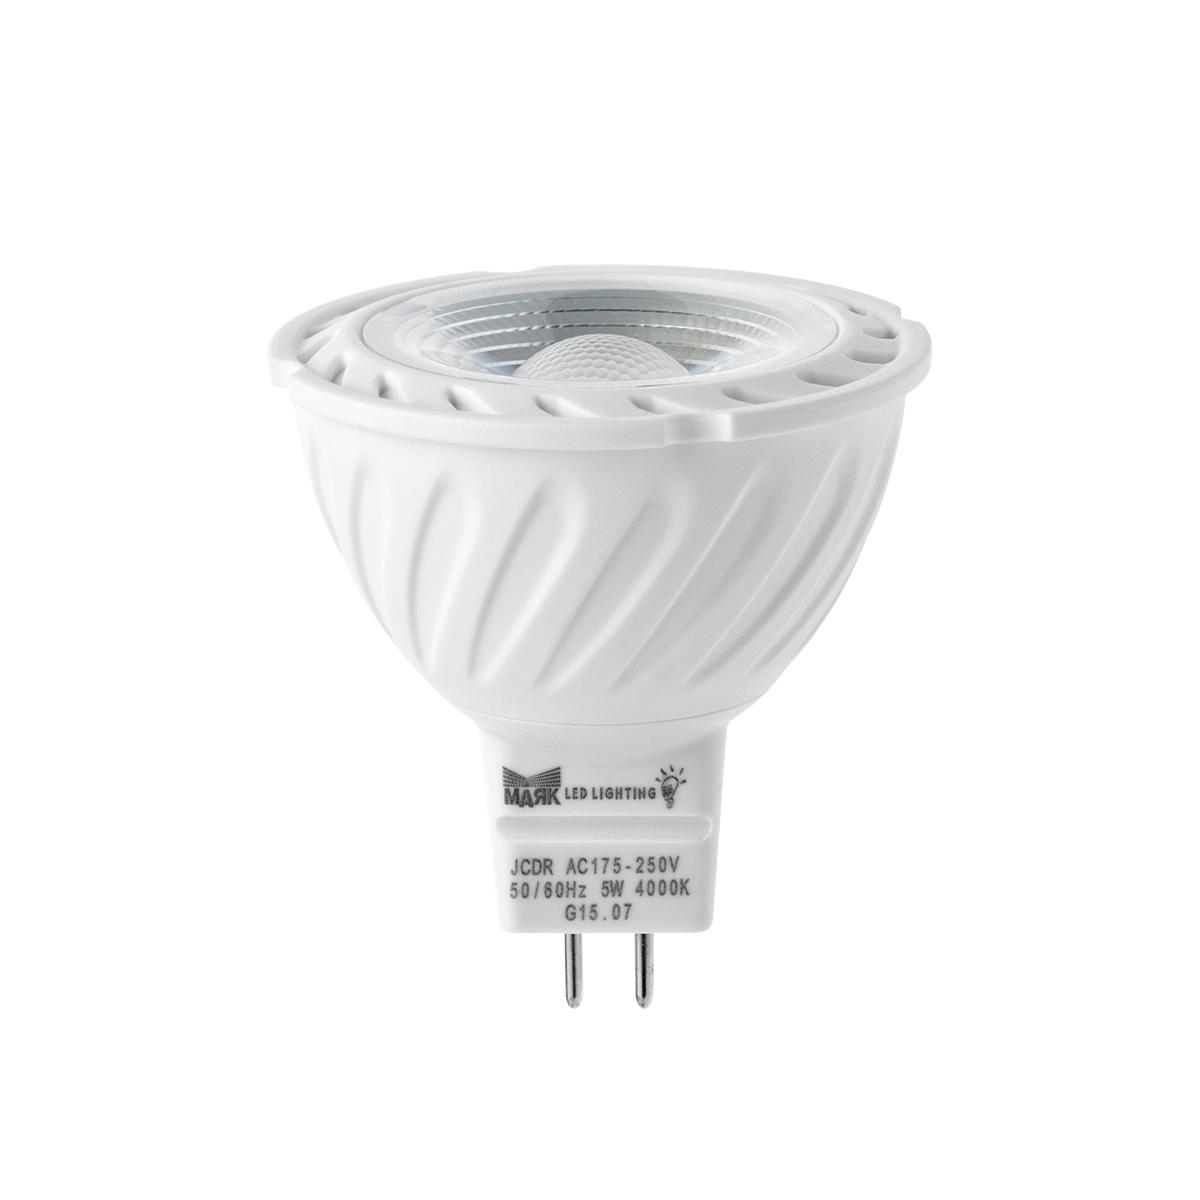 Лампа светодиодная Mayak-ledЛампы<br>Тип лампы: светодиодная, Форма лампы: рефлекторная, Цвет колбы: прозрачная, Тип цоколя: GU5.3, Напряжение: 220, Мощность: 5, Цветовая температура: 3000, Цвет свечения: теплый<br>